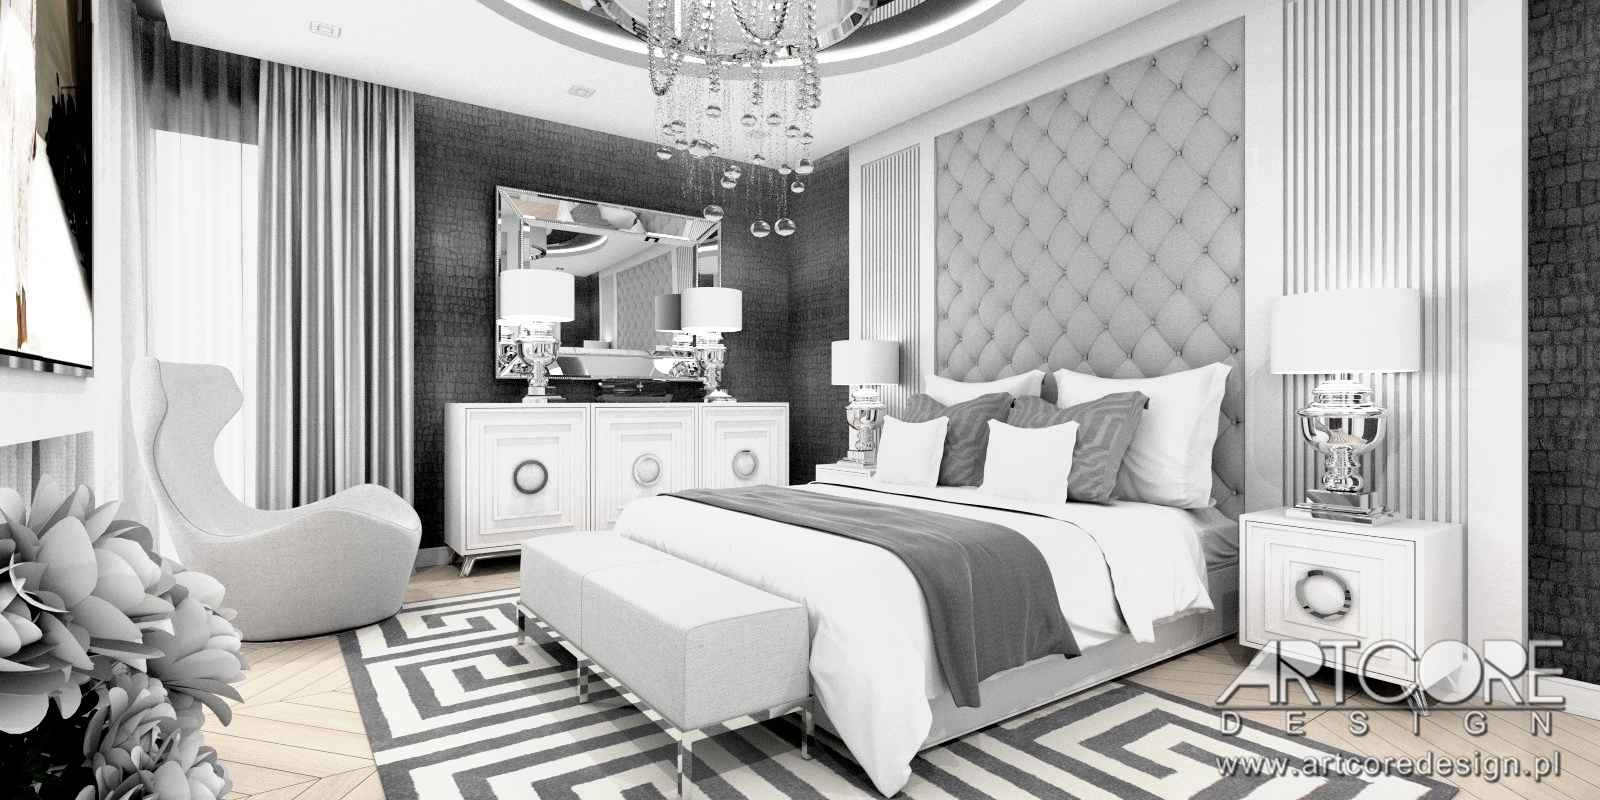 projekt wnętrza domu luksusowa sypialnia glamour